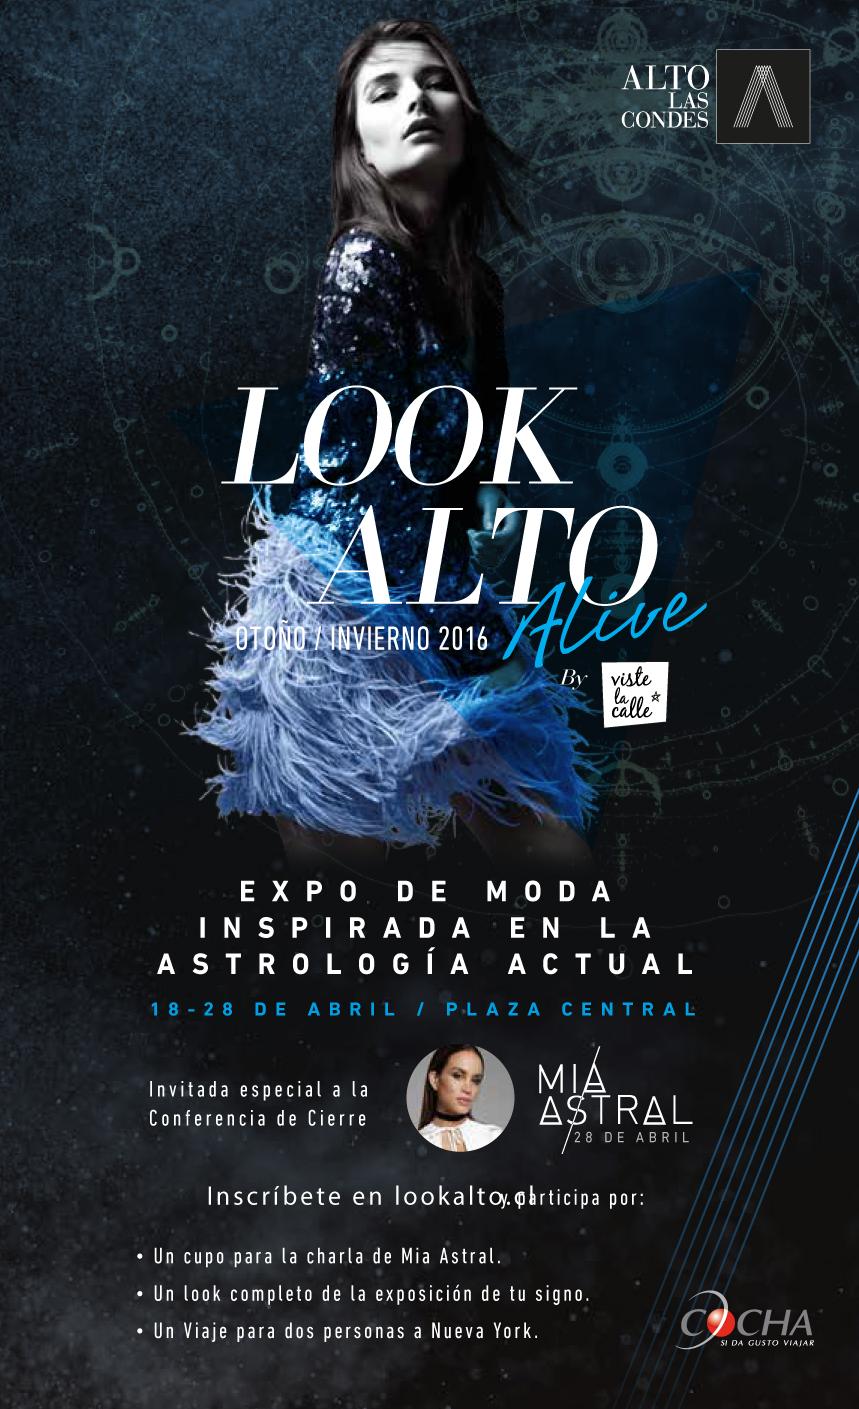 Mia Astral en Look Alto Alive Otoño/Invierno 2016 por VisteLaCalle